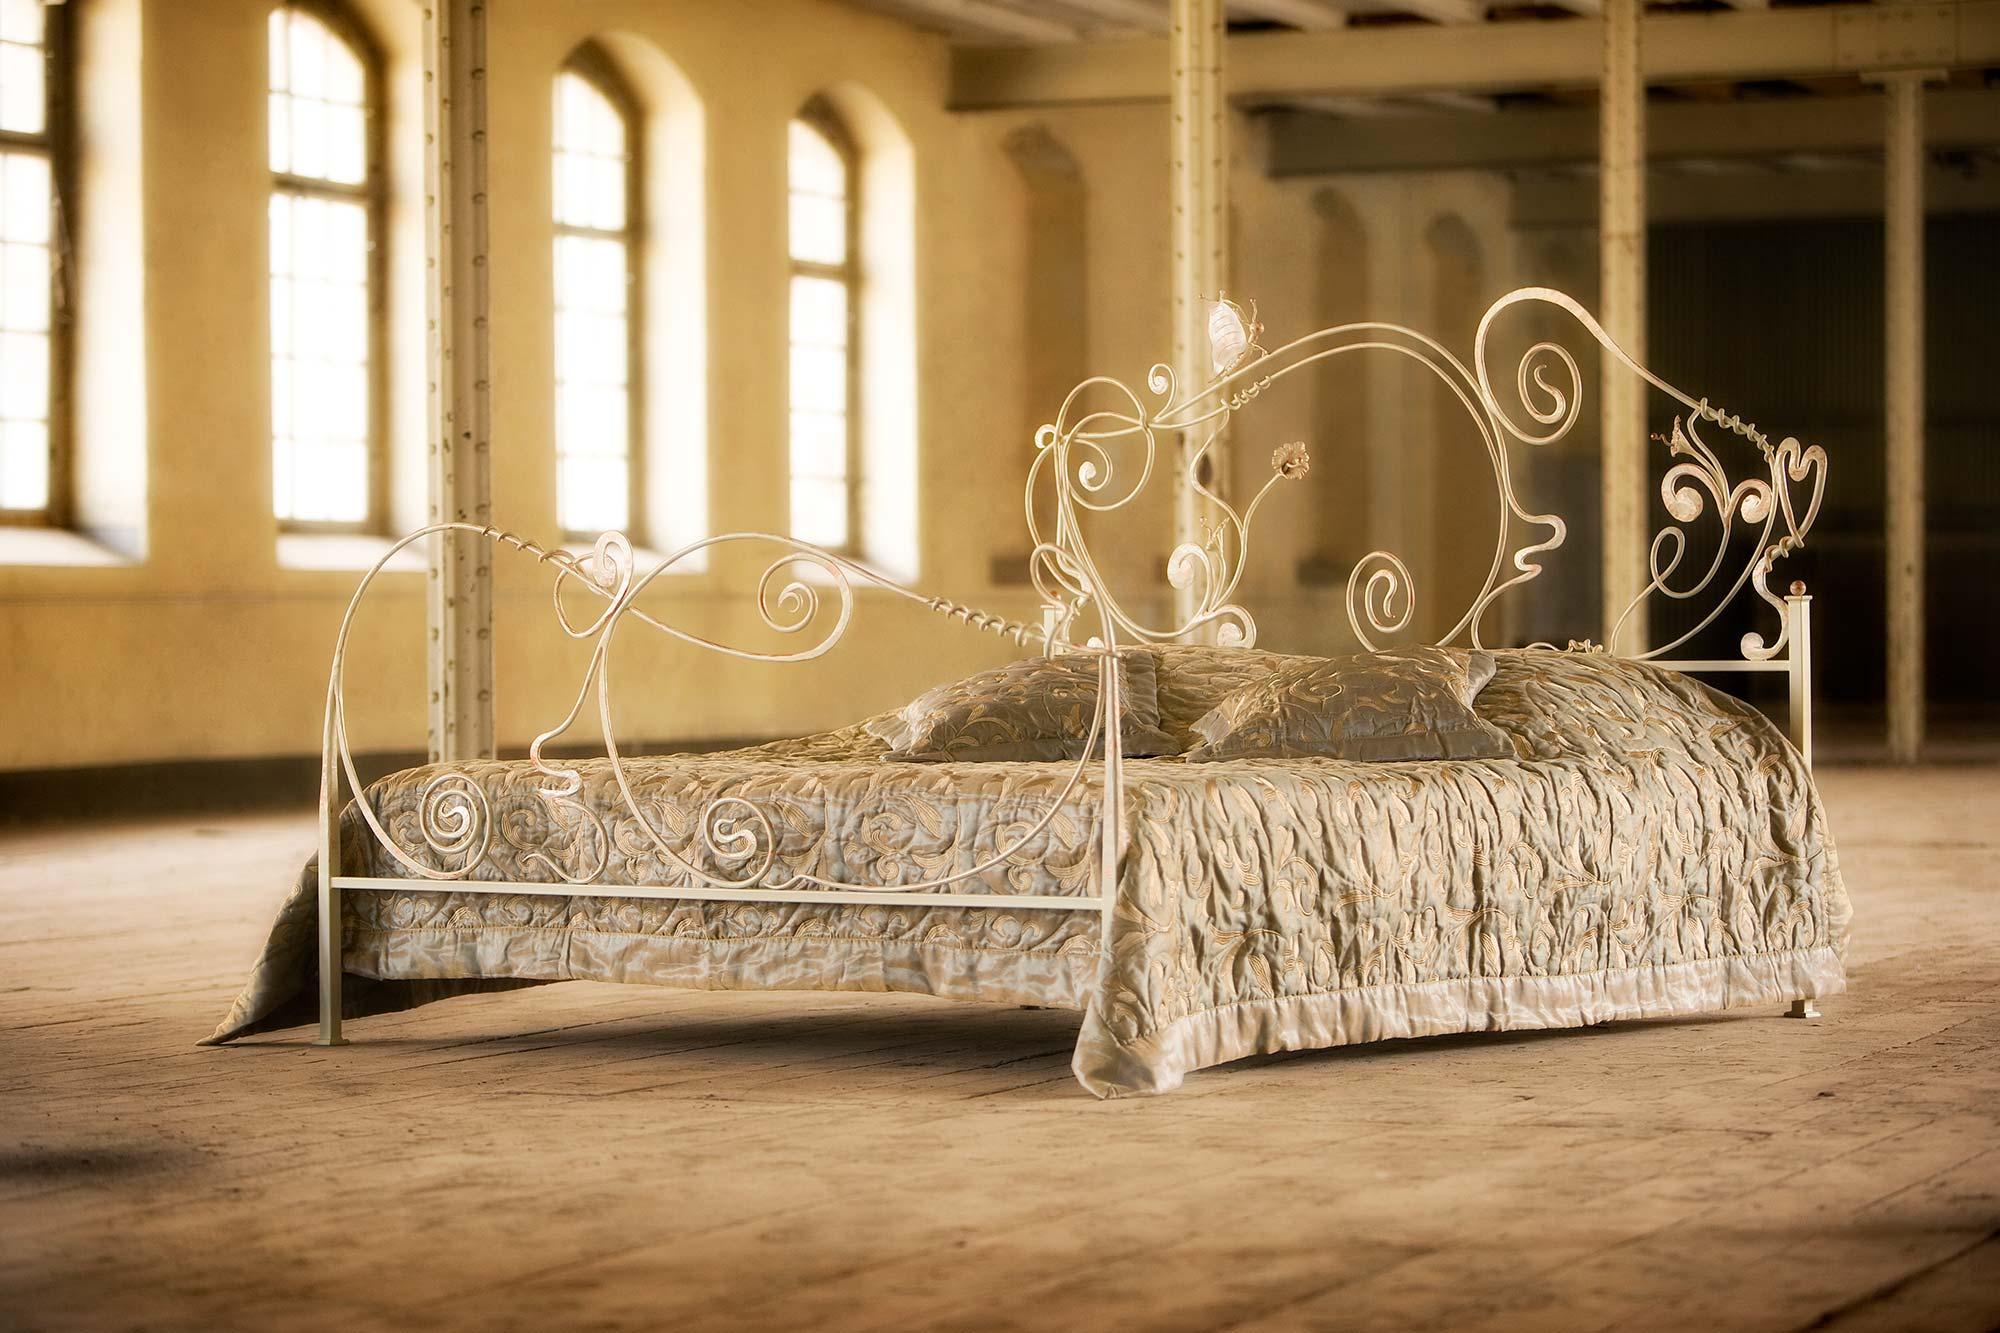 Full Size of Metallbett Alessia Romantisches Betten Ohne Kopfteil Außergewöhnliche Bett Weiß 180x200 Altes Hunde Bettkasten Mit Matratze 160x200 Ausklappbar 90x200 Bett Romantisches Bett